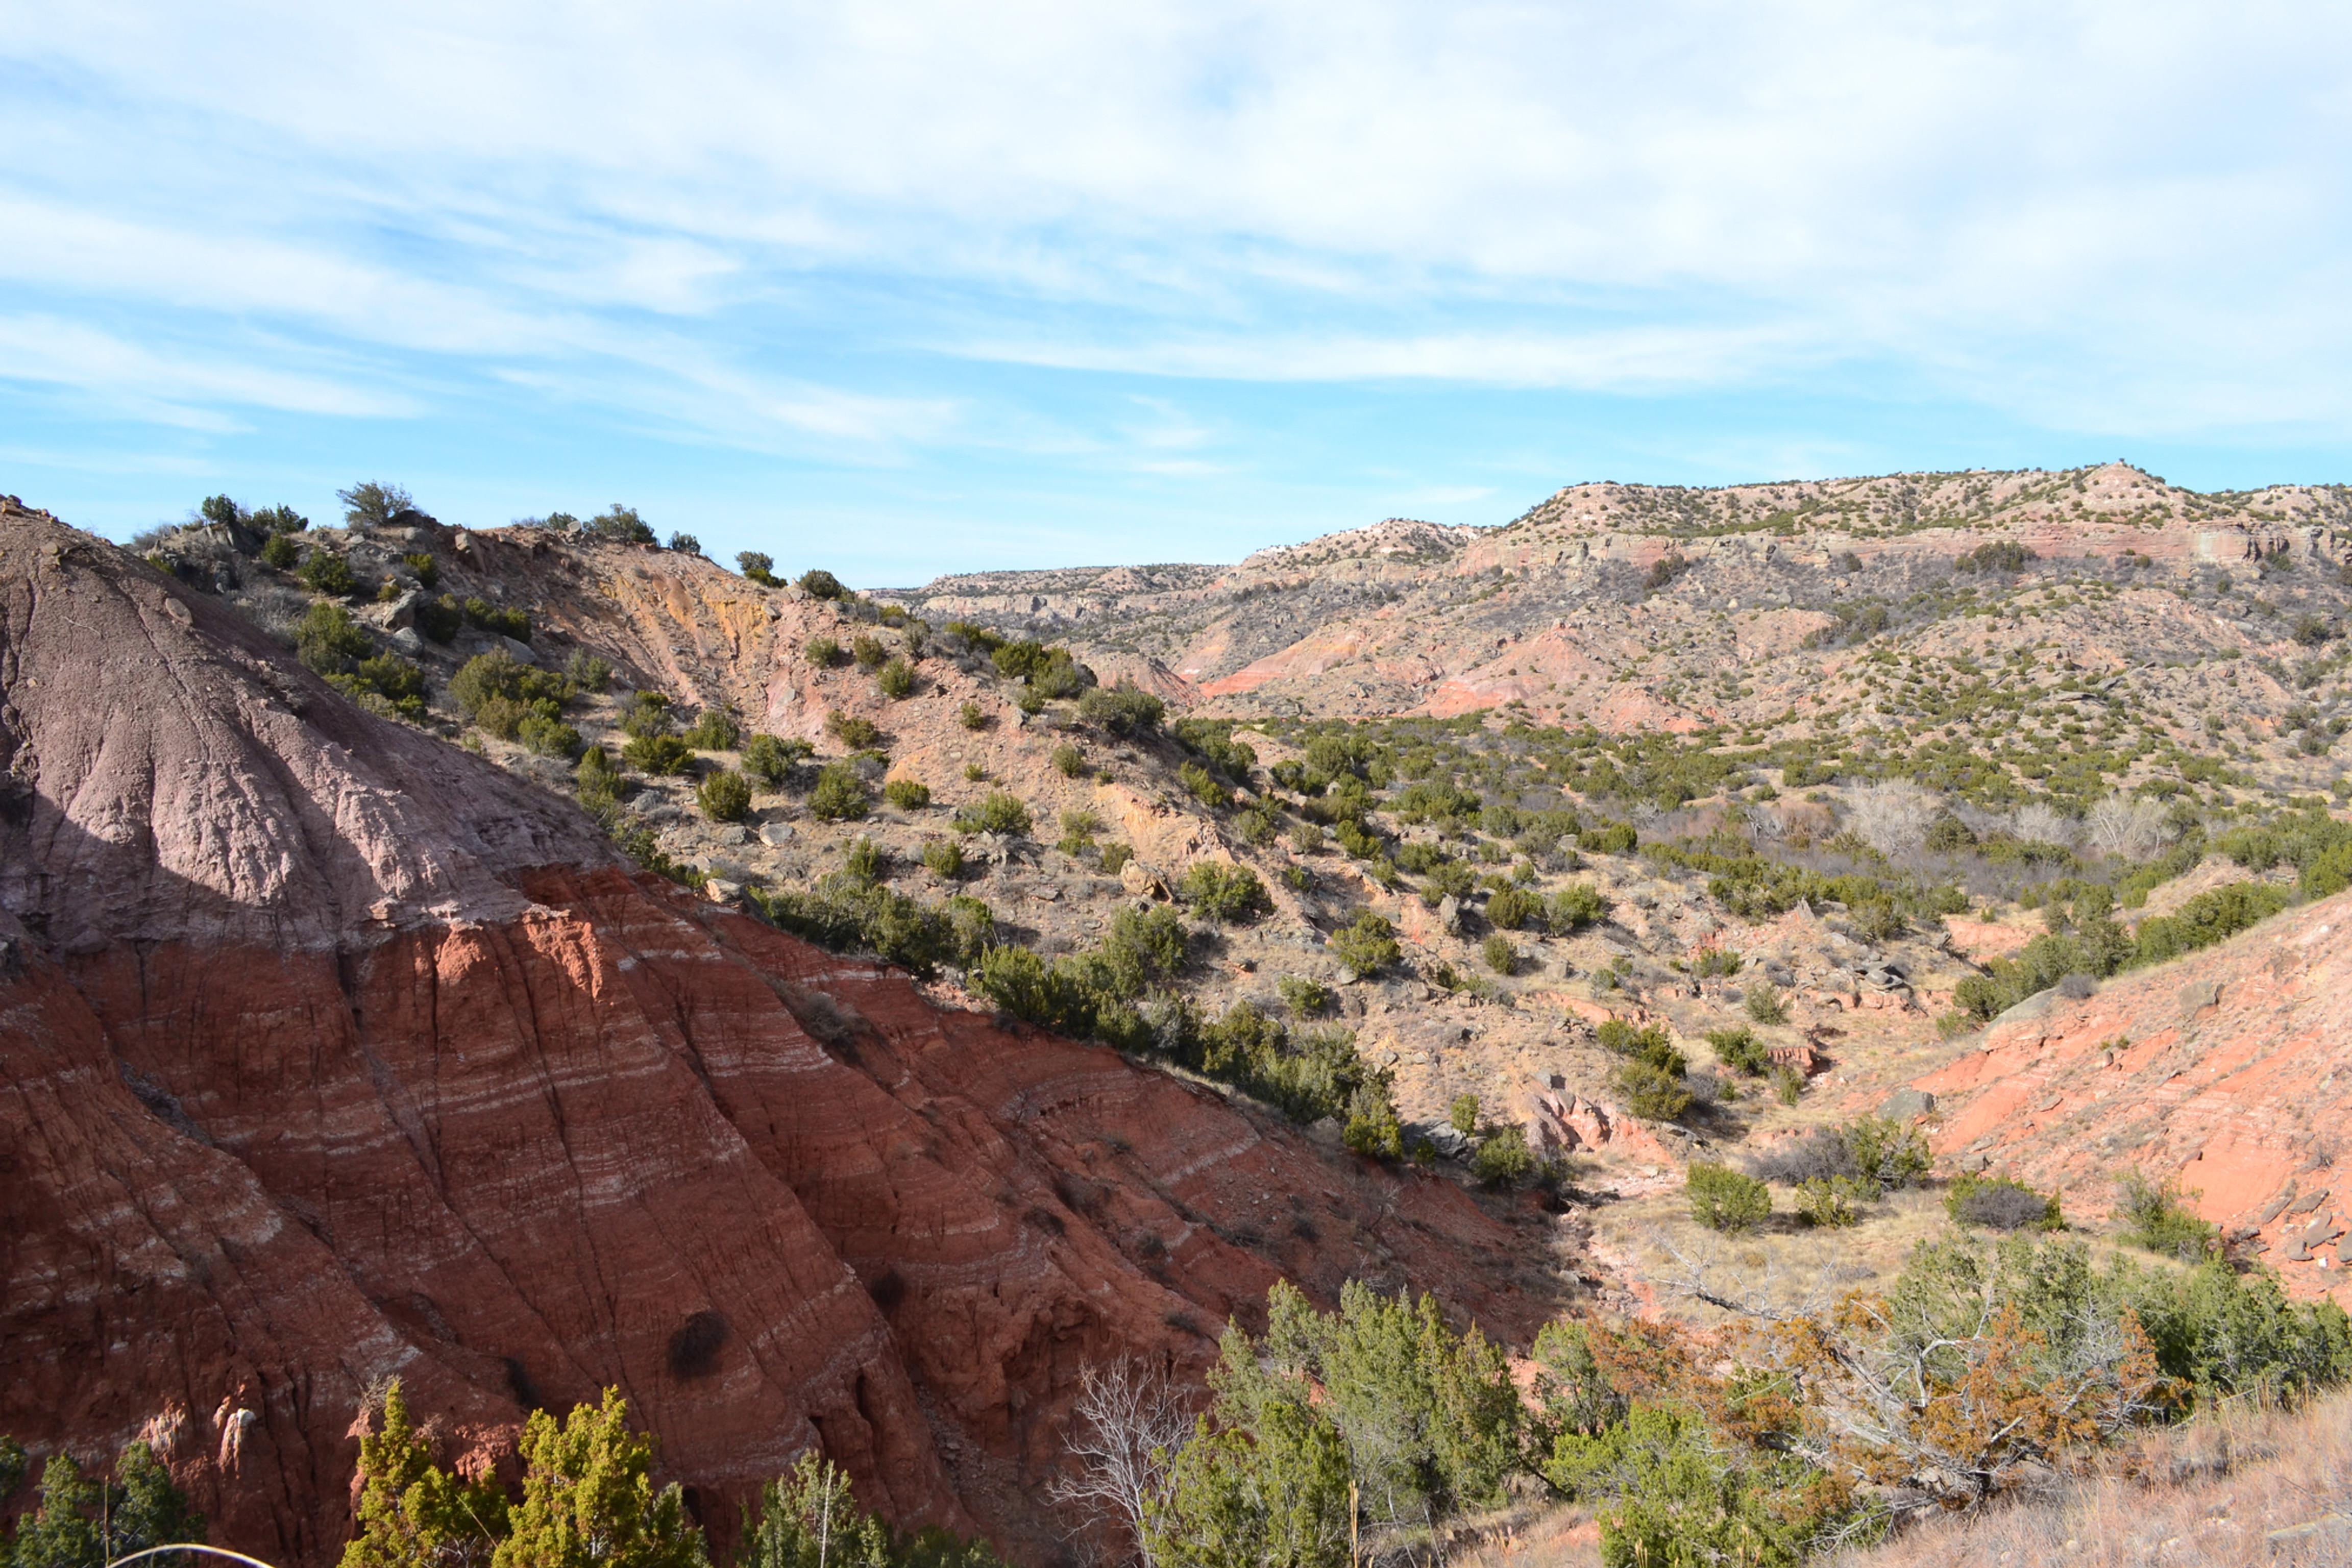 Spirit of Palo Duro Canyon